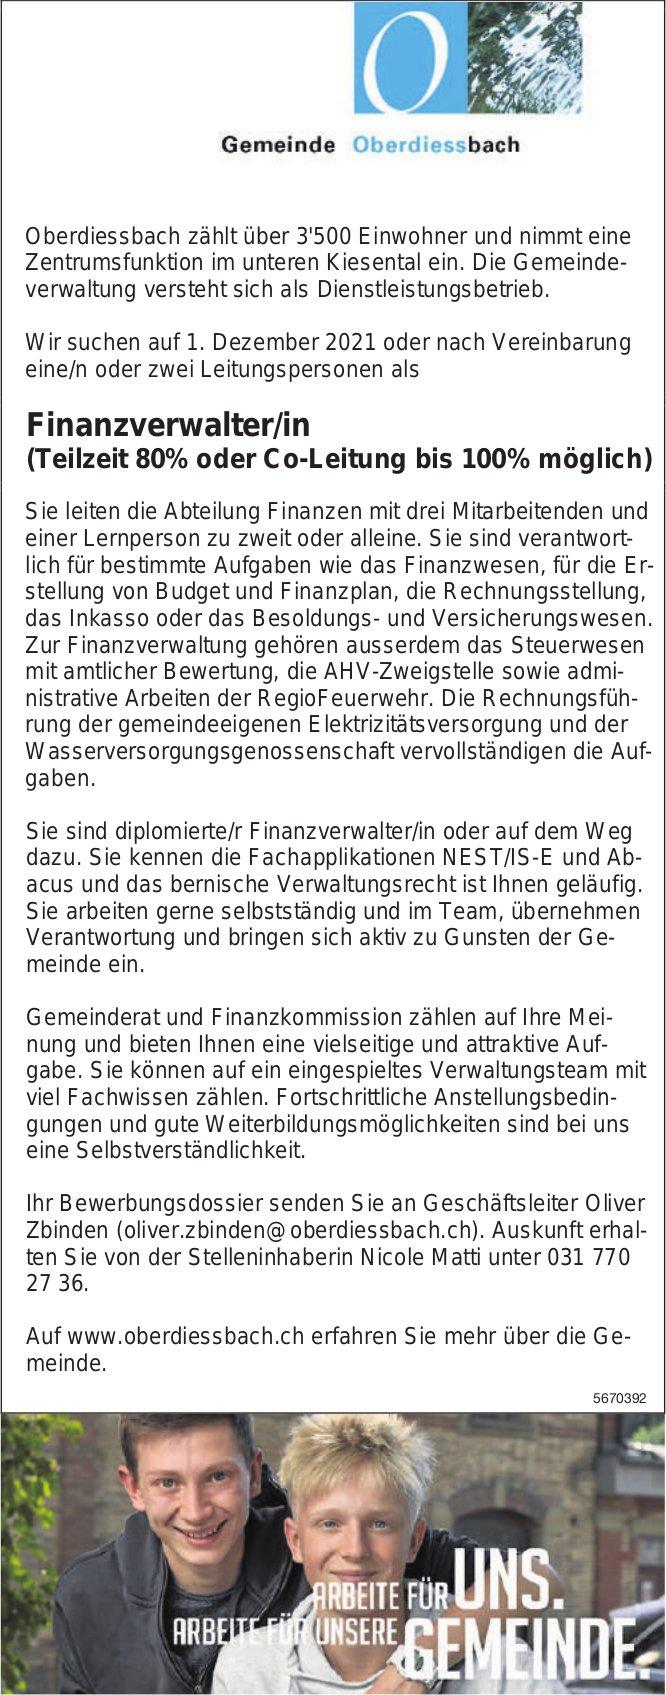 Finanzverwalter/in, Gemeinde, Oberdiessbach, gesucht